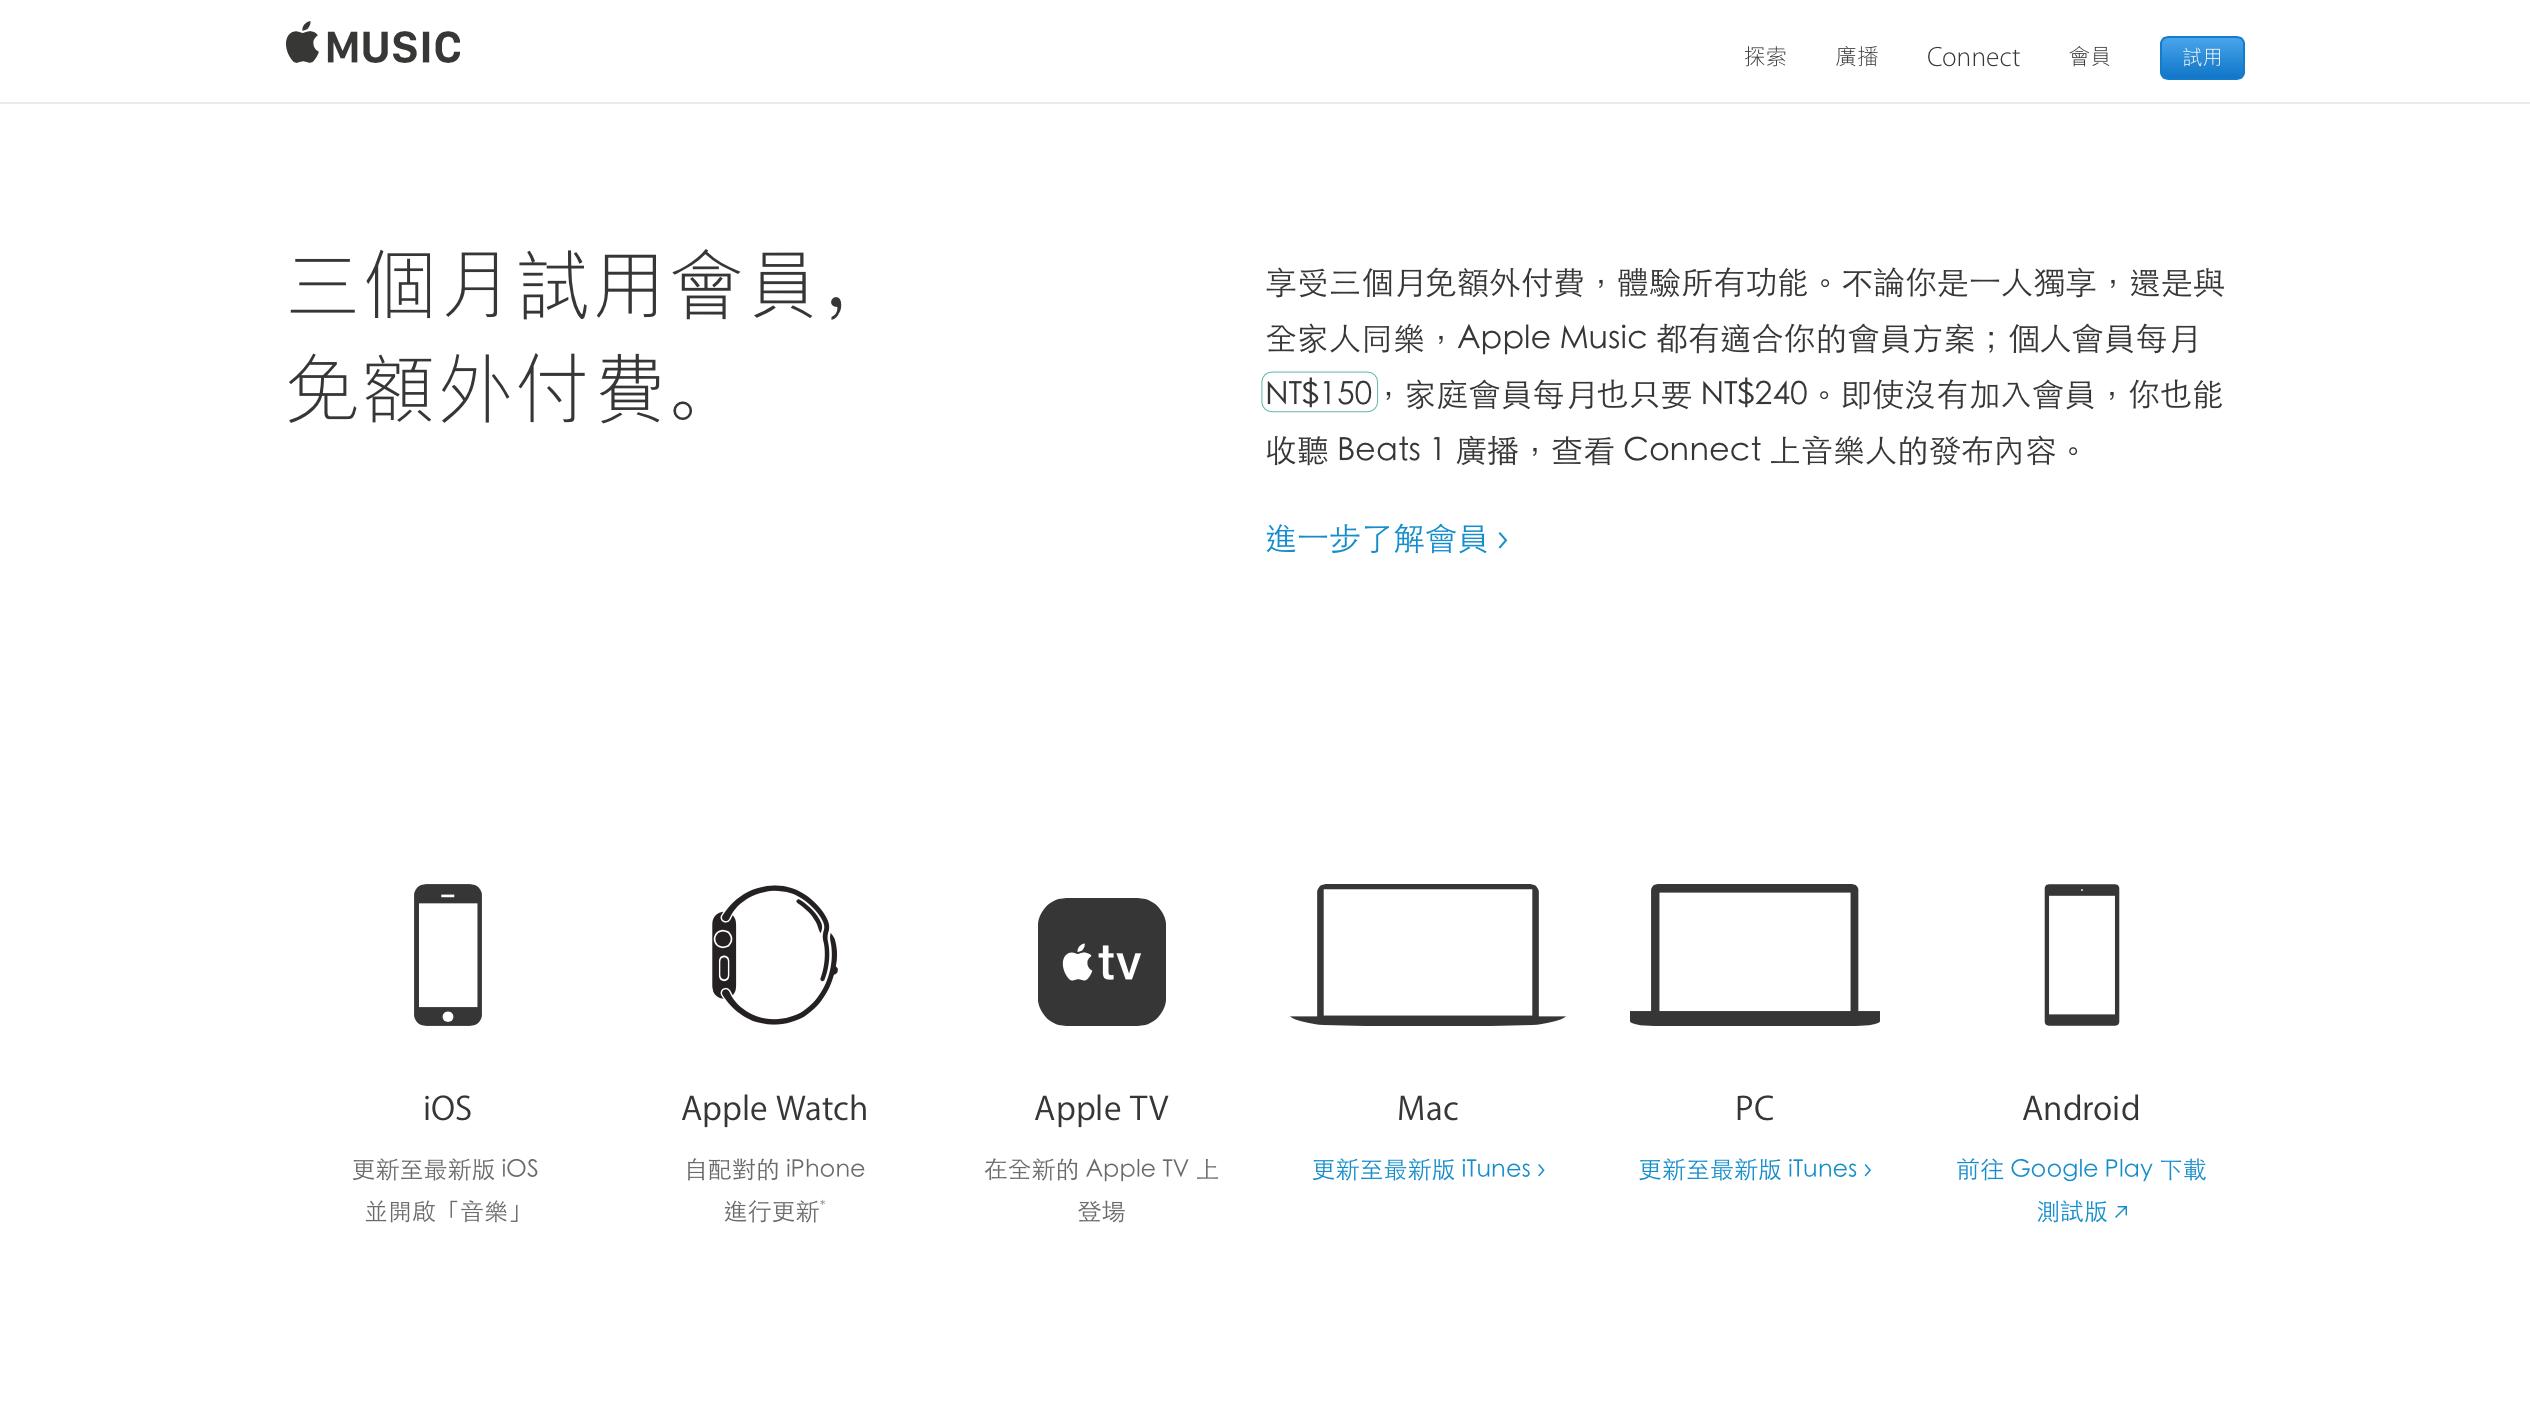 台灣的 Apple Music 的個人月費為 150元台幣,家族方案為 240 元(最多可 6 人同時使用)。